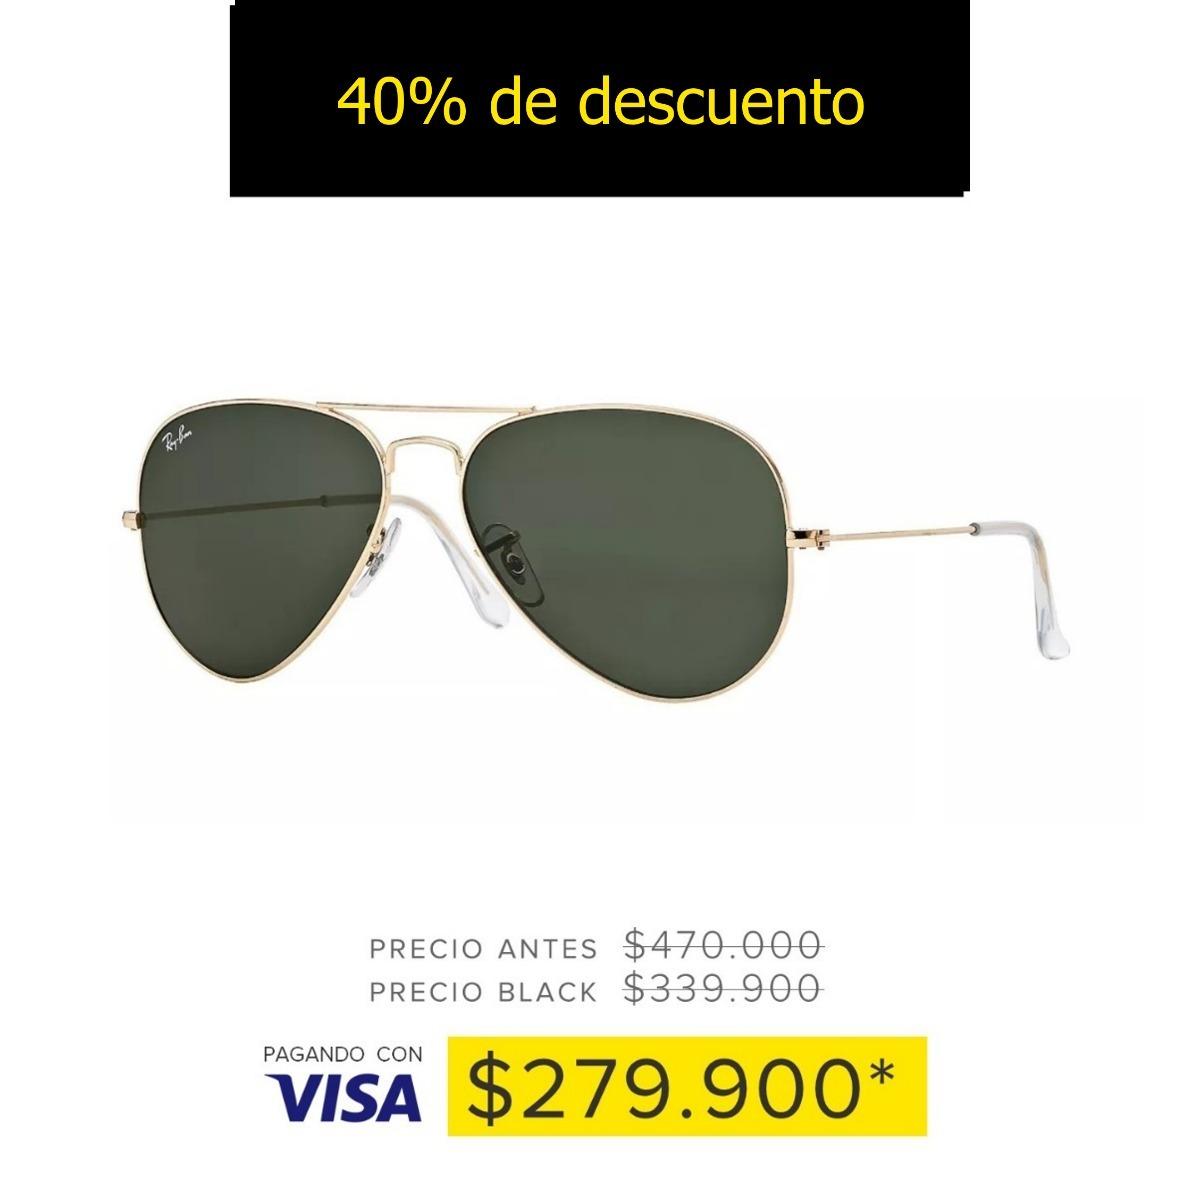 Gafas De Sol Aviador Ray-ban® Aviator Classic Lente G-15 -   470.000 ... 4b111c8f1c